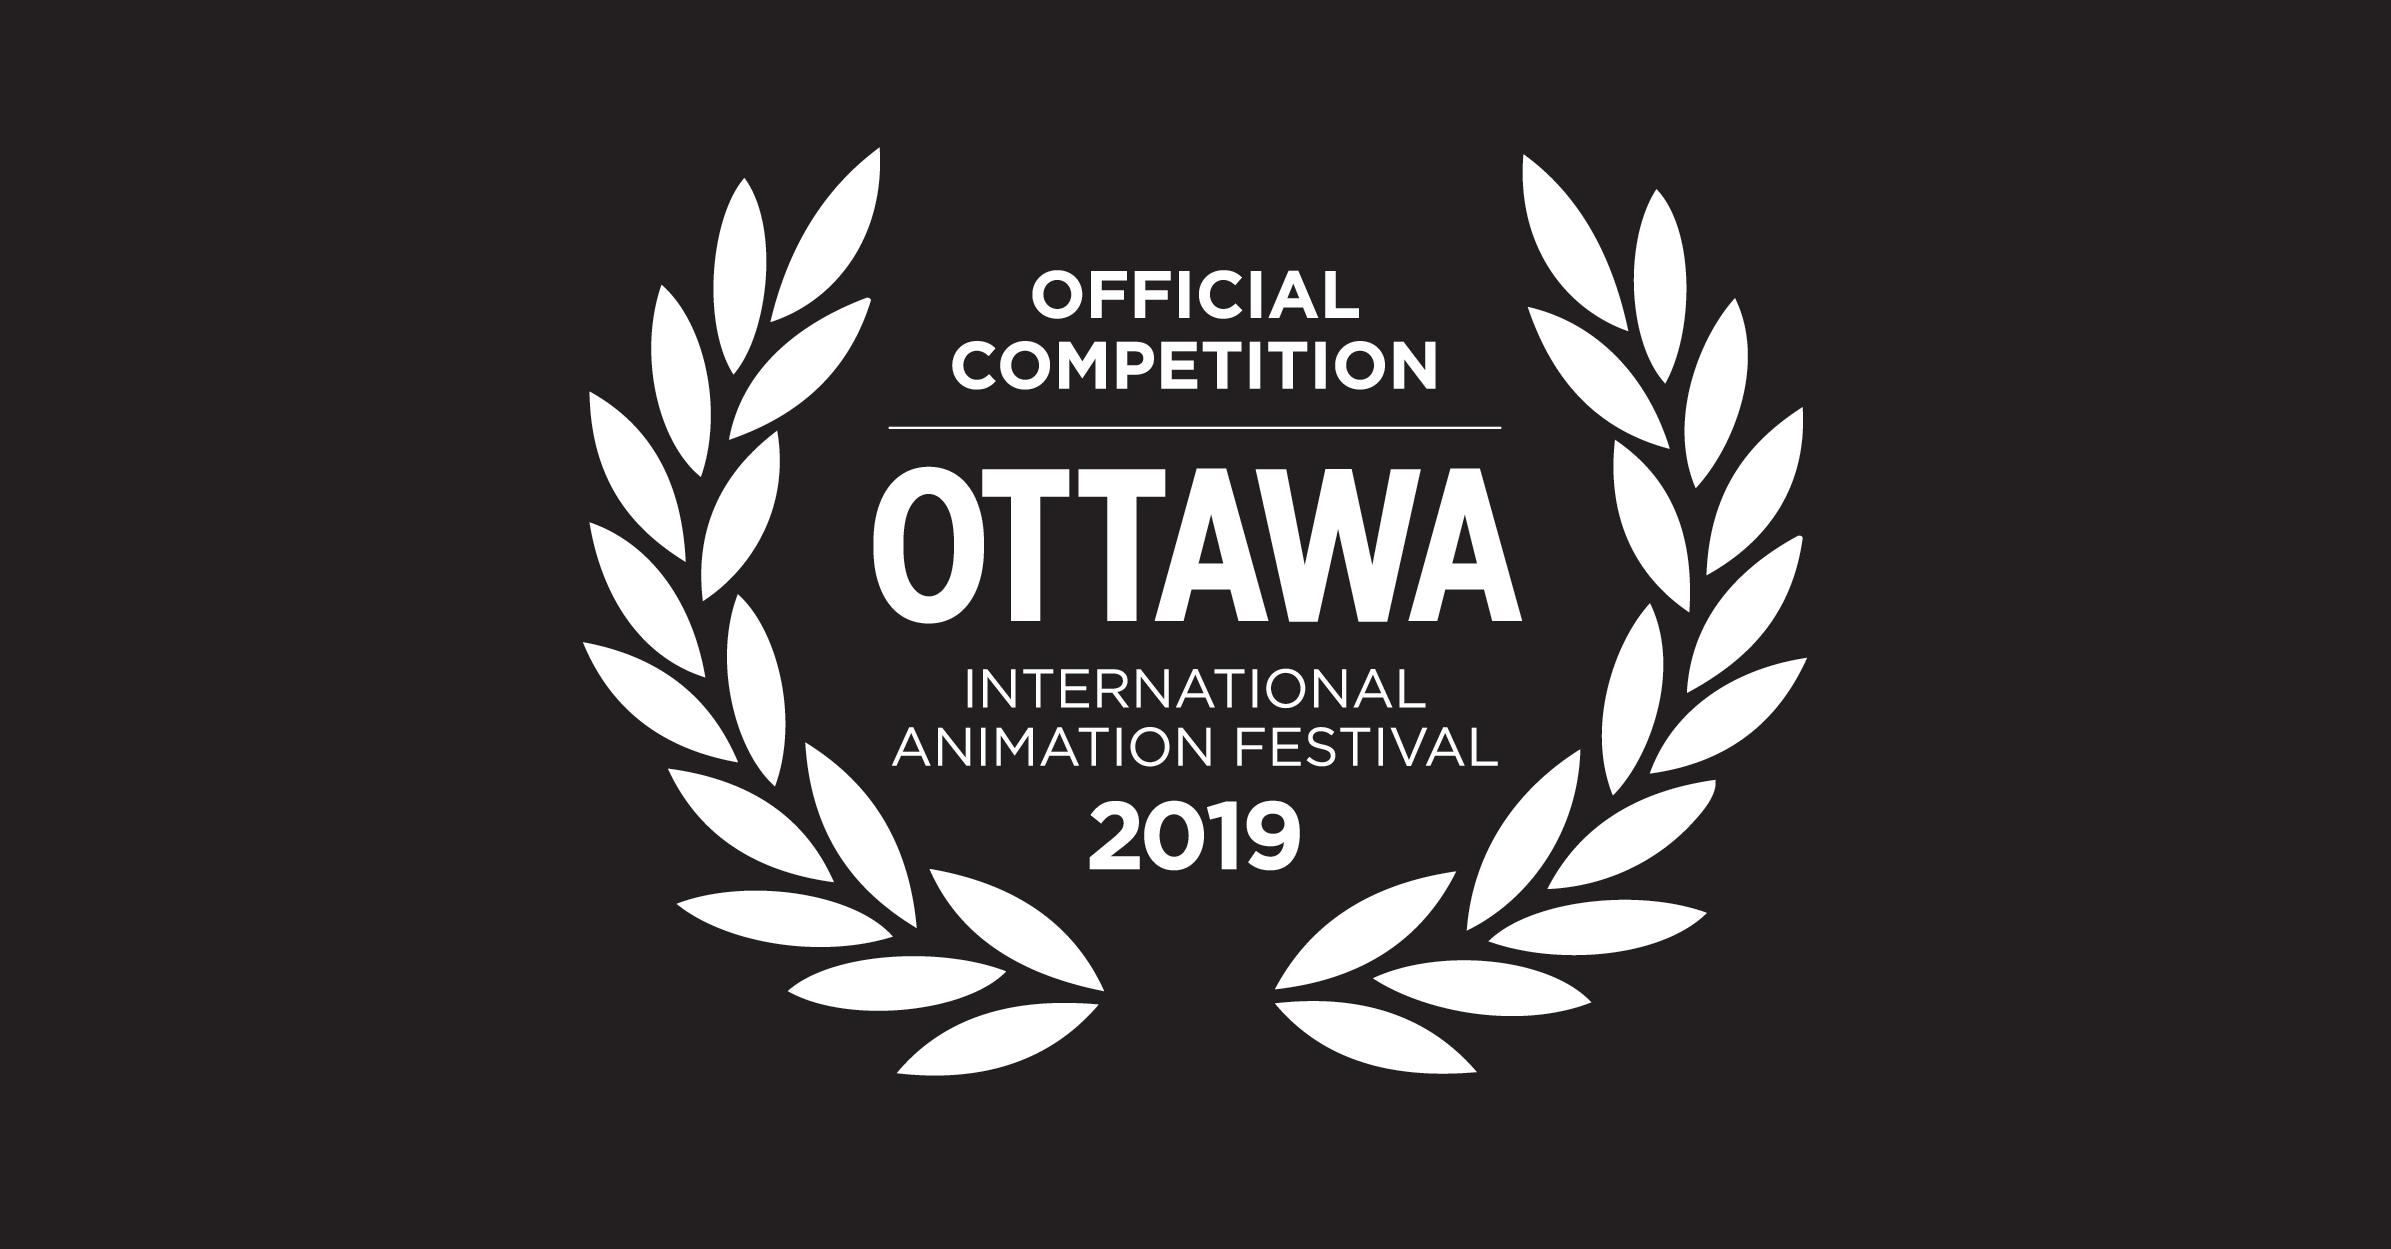 オタワ国際アニメーション映画祭2019「WildAid Hankograph」公式コンペティションセレクション